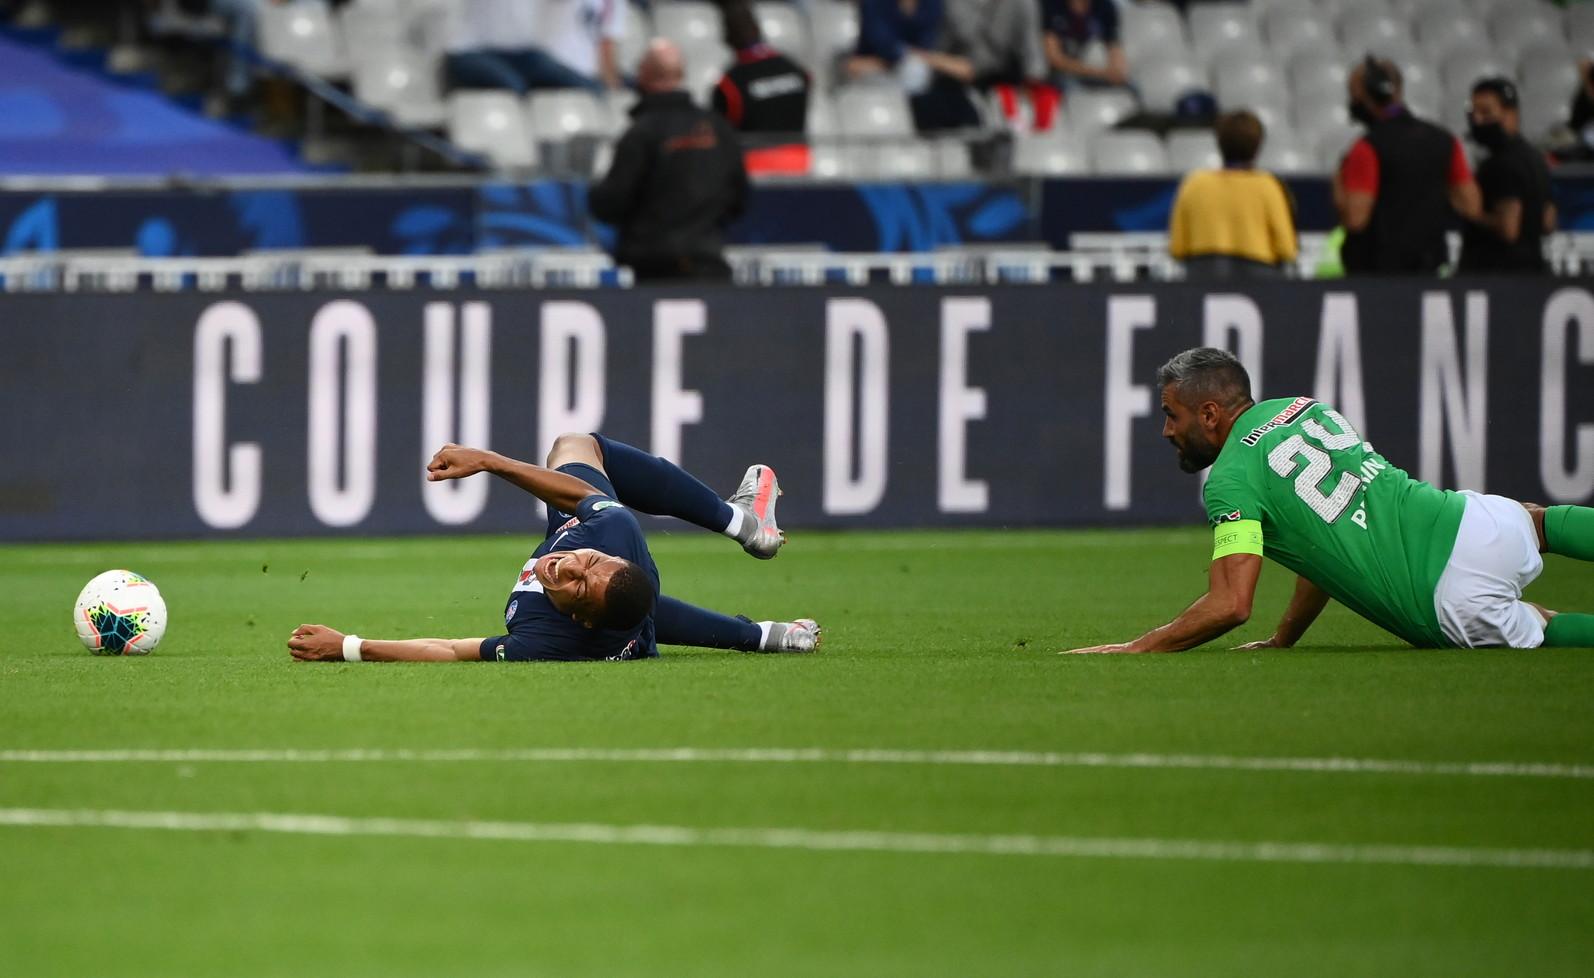 Il francese &egrave; uscito dal campo in lacrime dopo un violentissimo tackle di Perrin<br /><br />